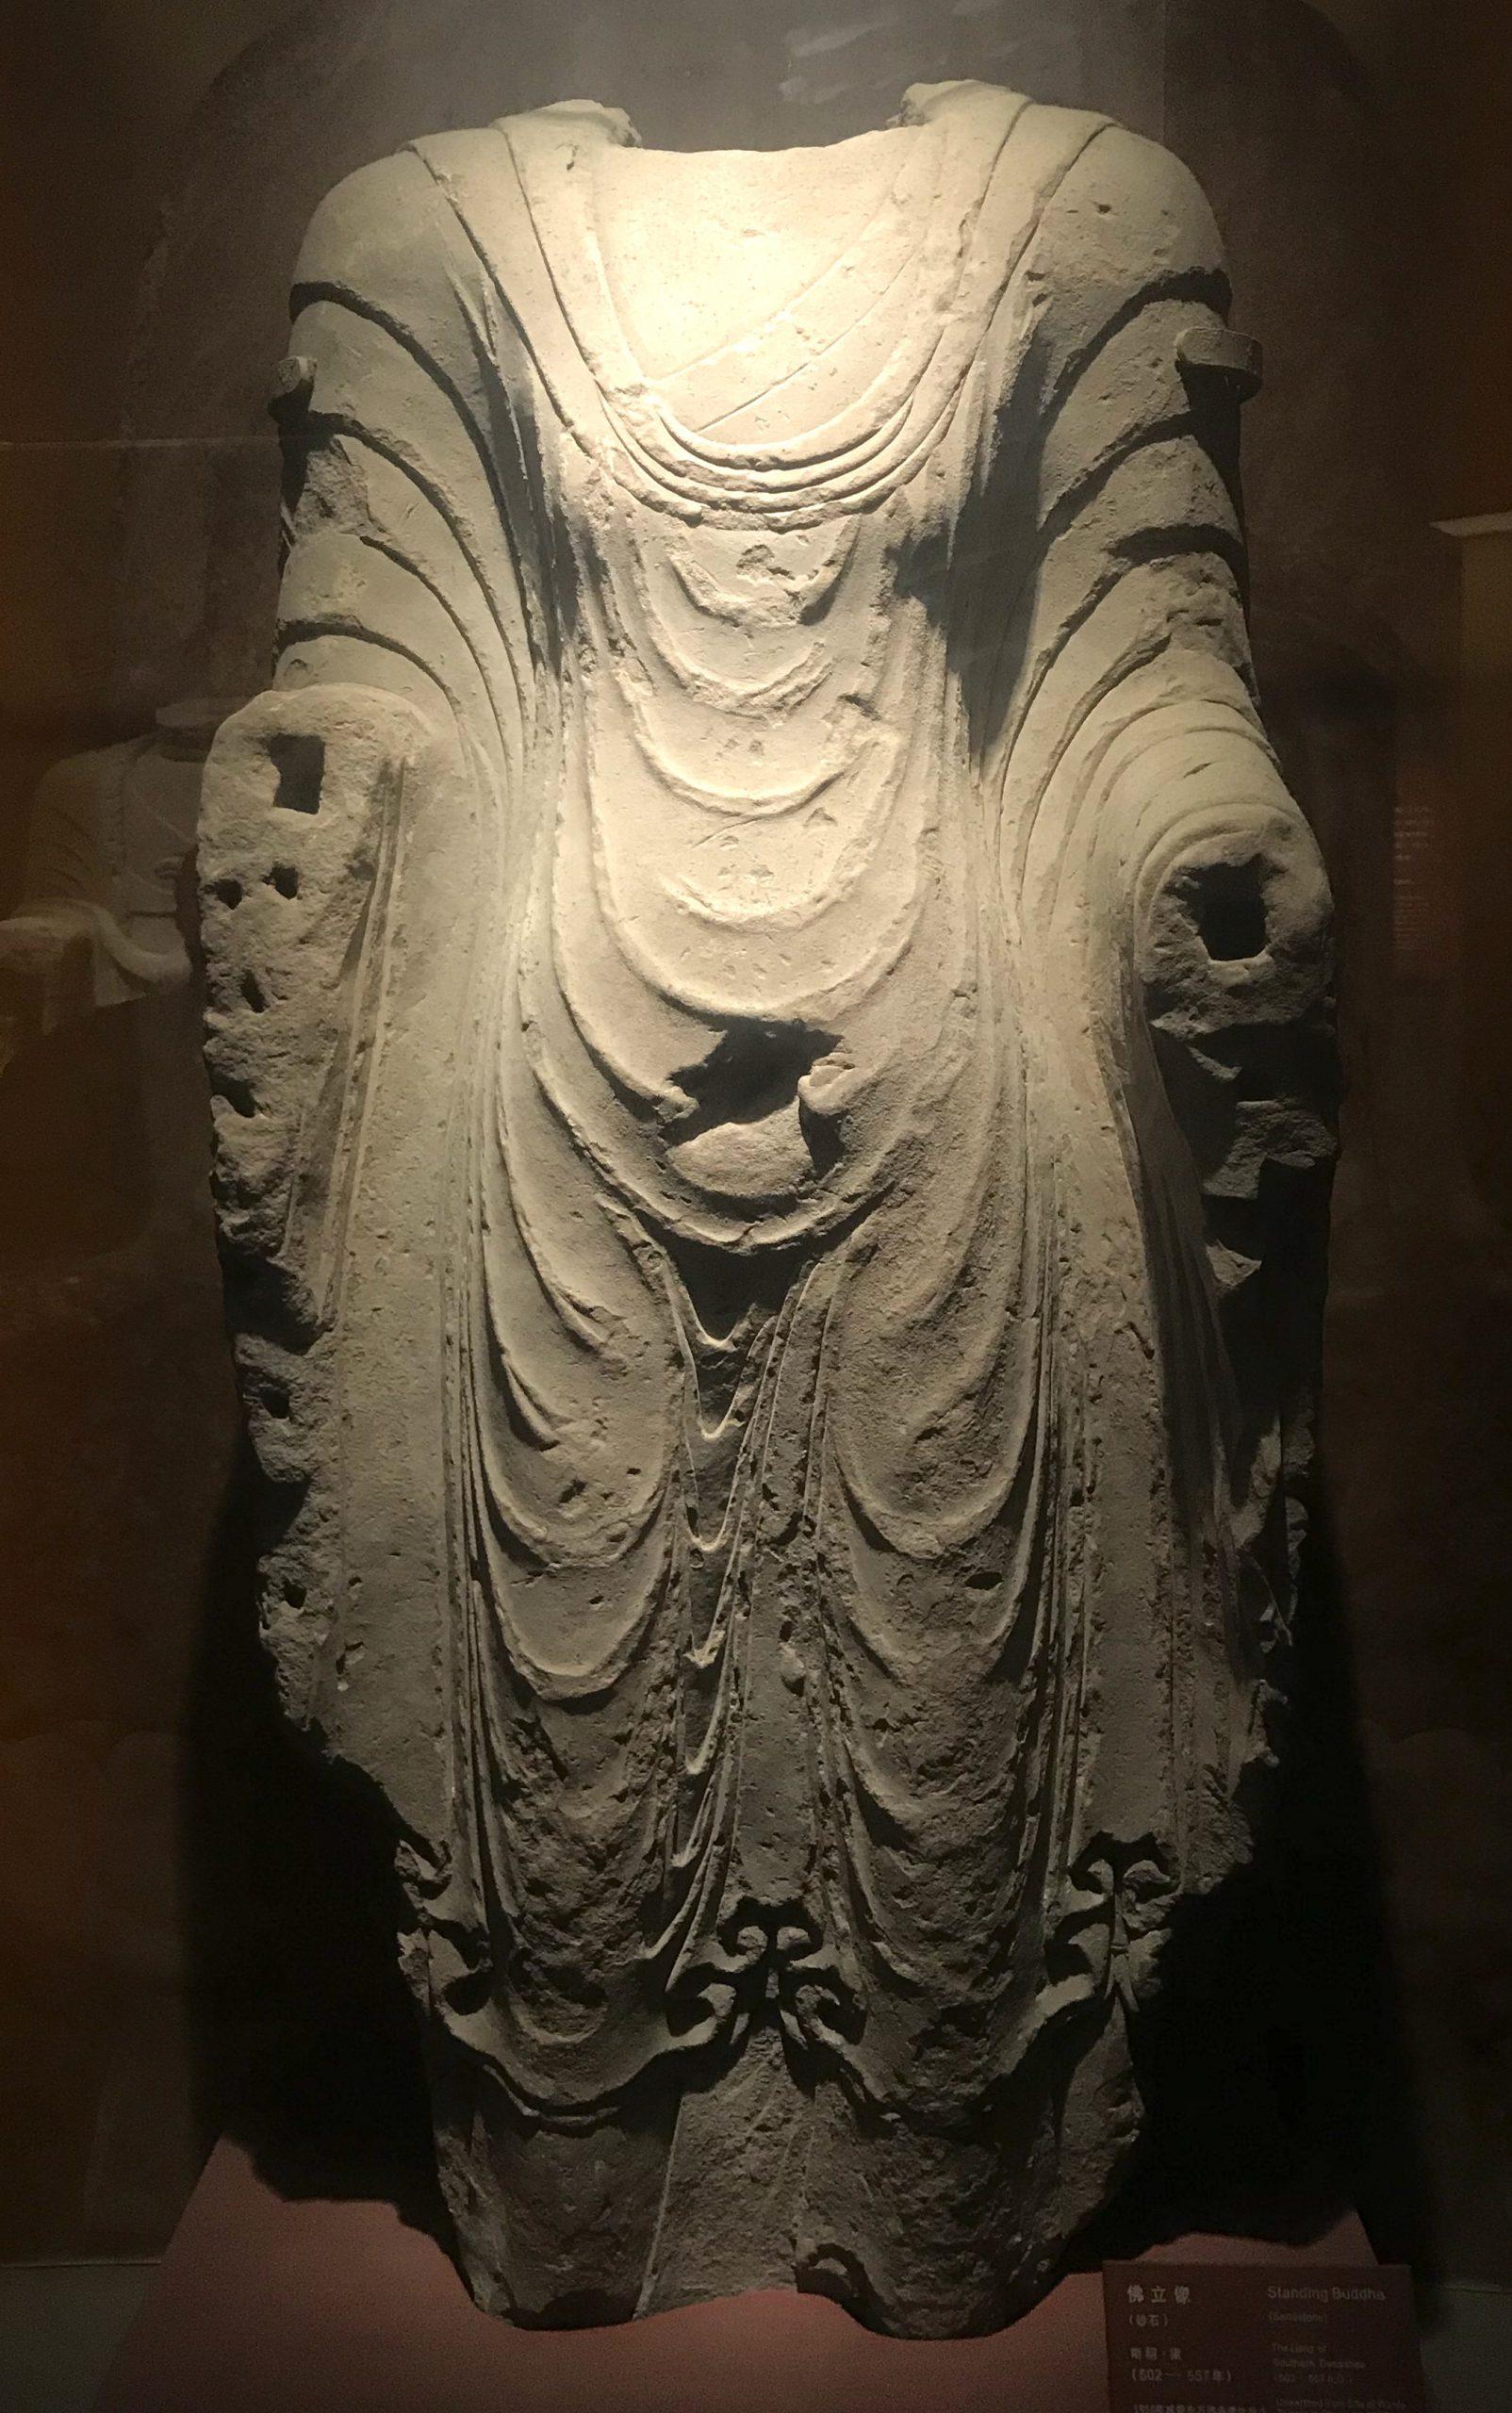 仏立像6-南朝・梁-四川万仏寺石刻館-四川博物院-成都